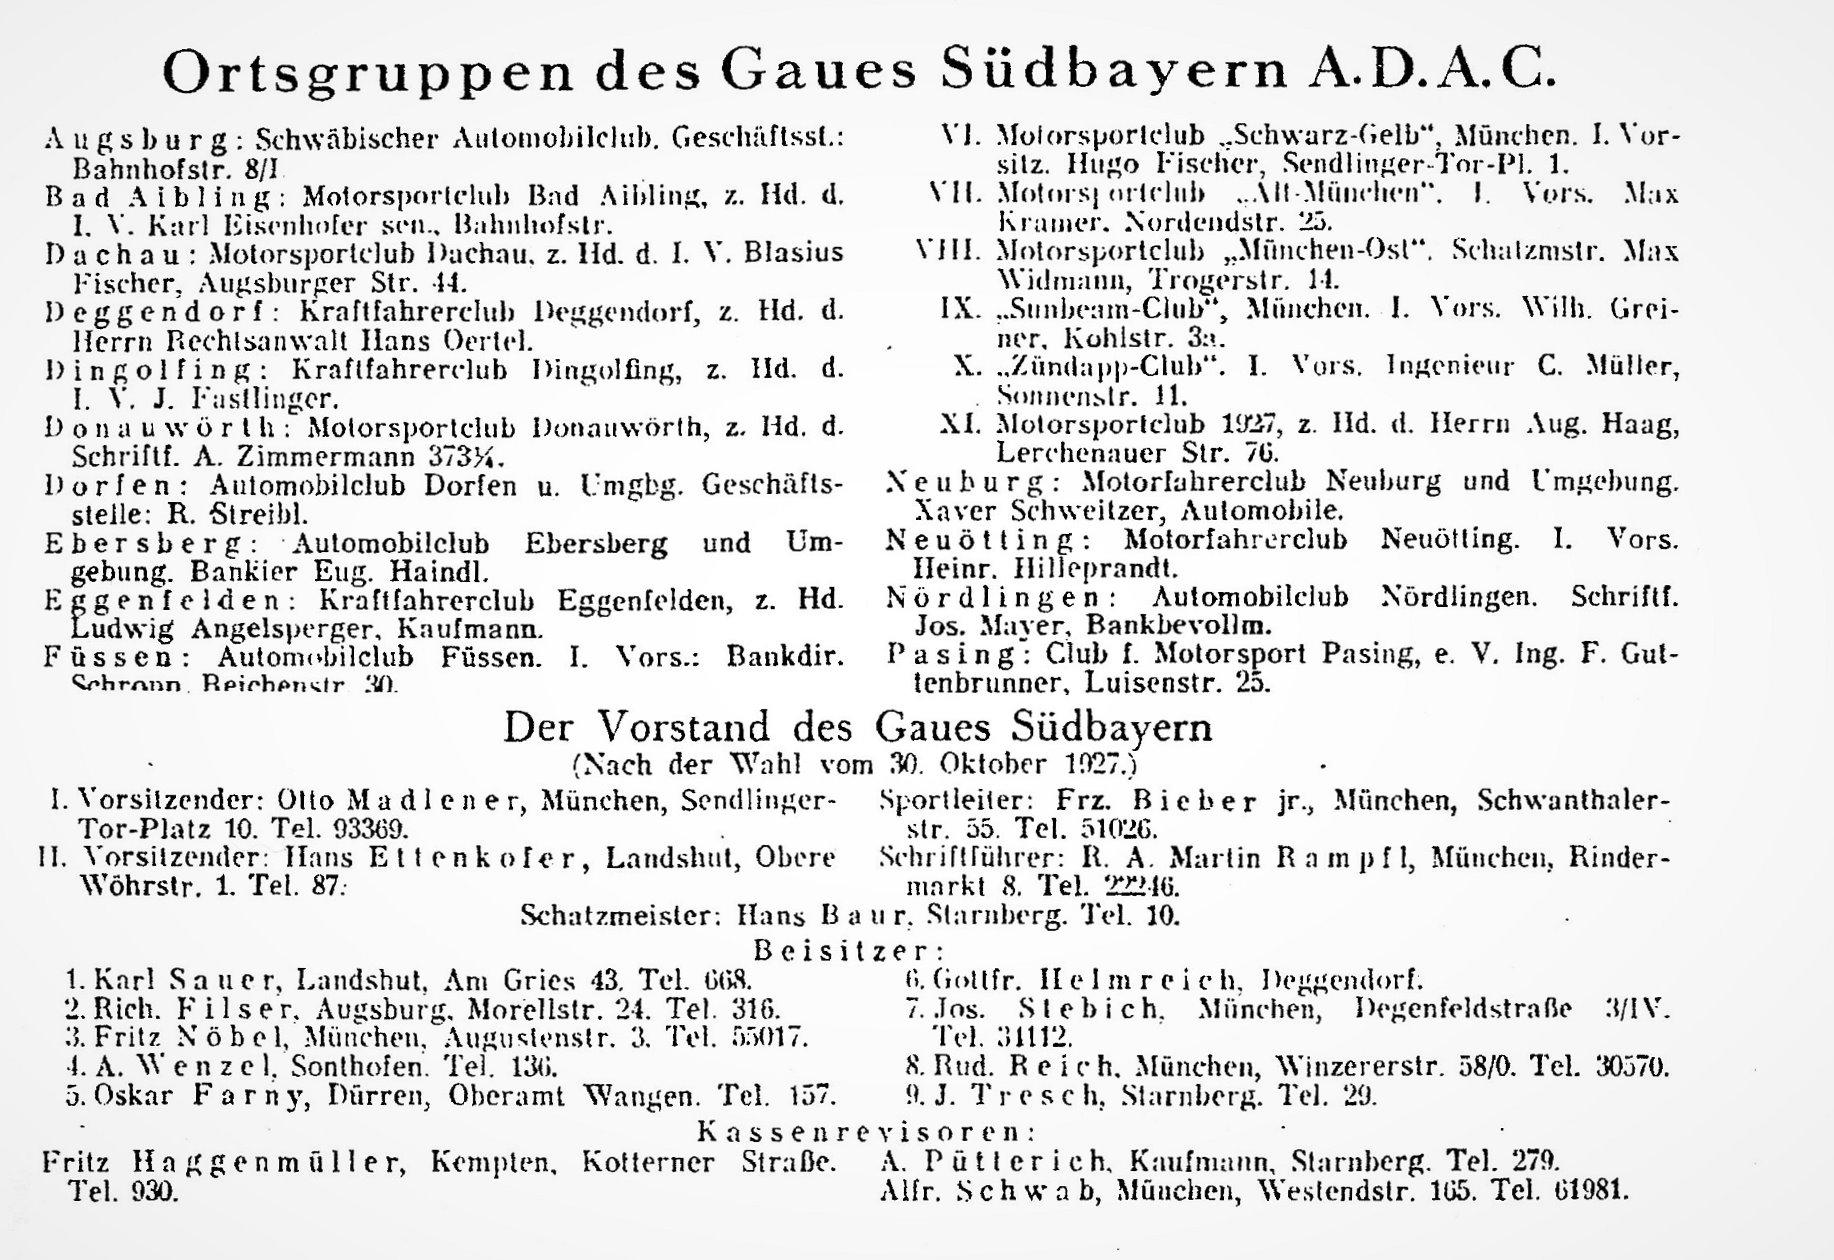 ADAC Ortsgruppen - 1927